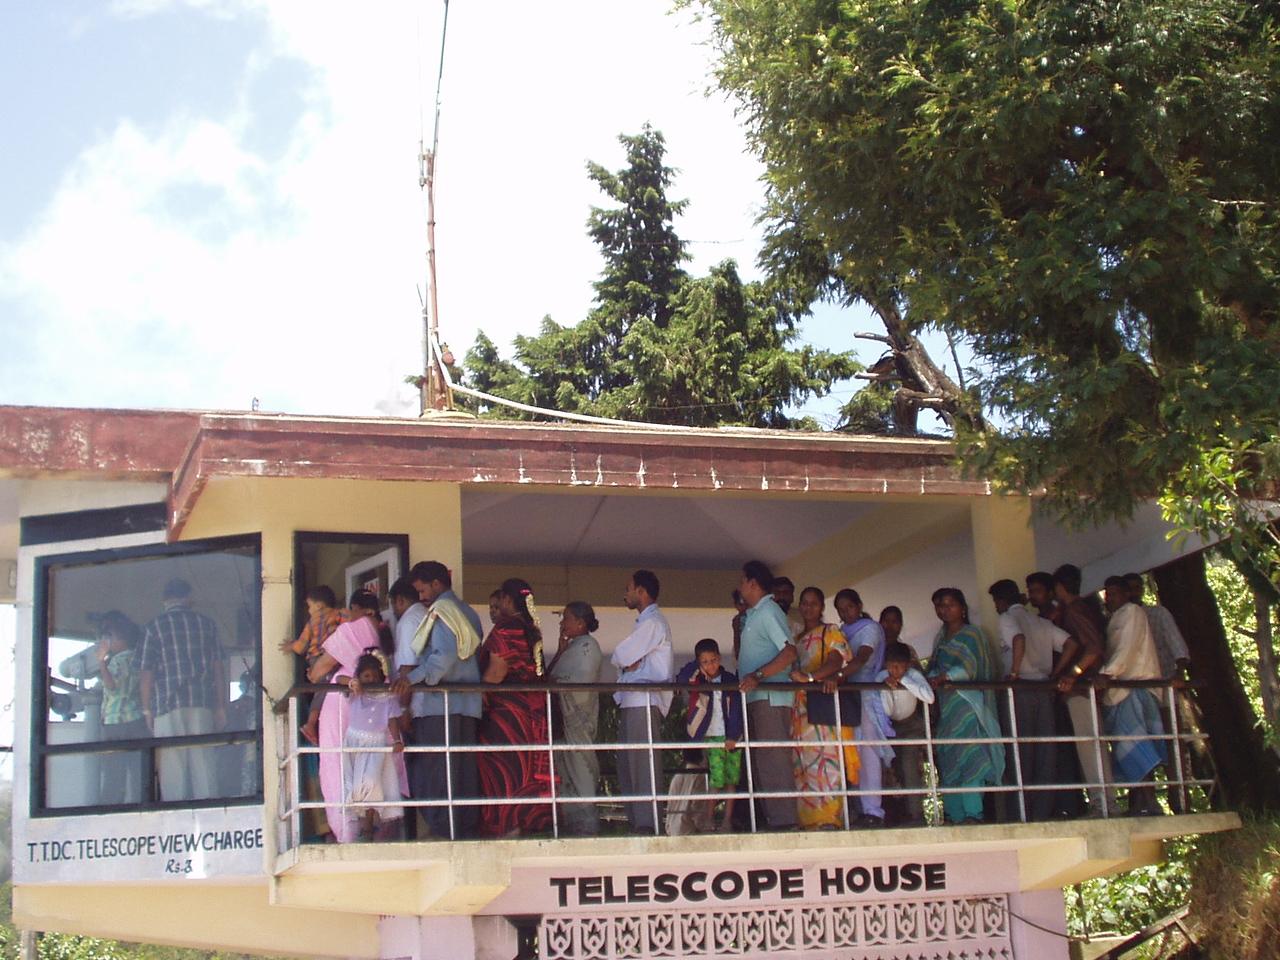 Telescope House